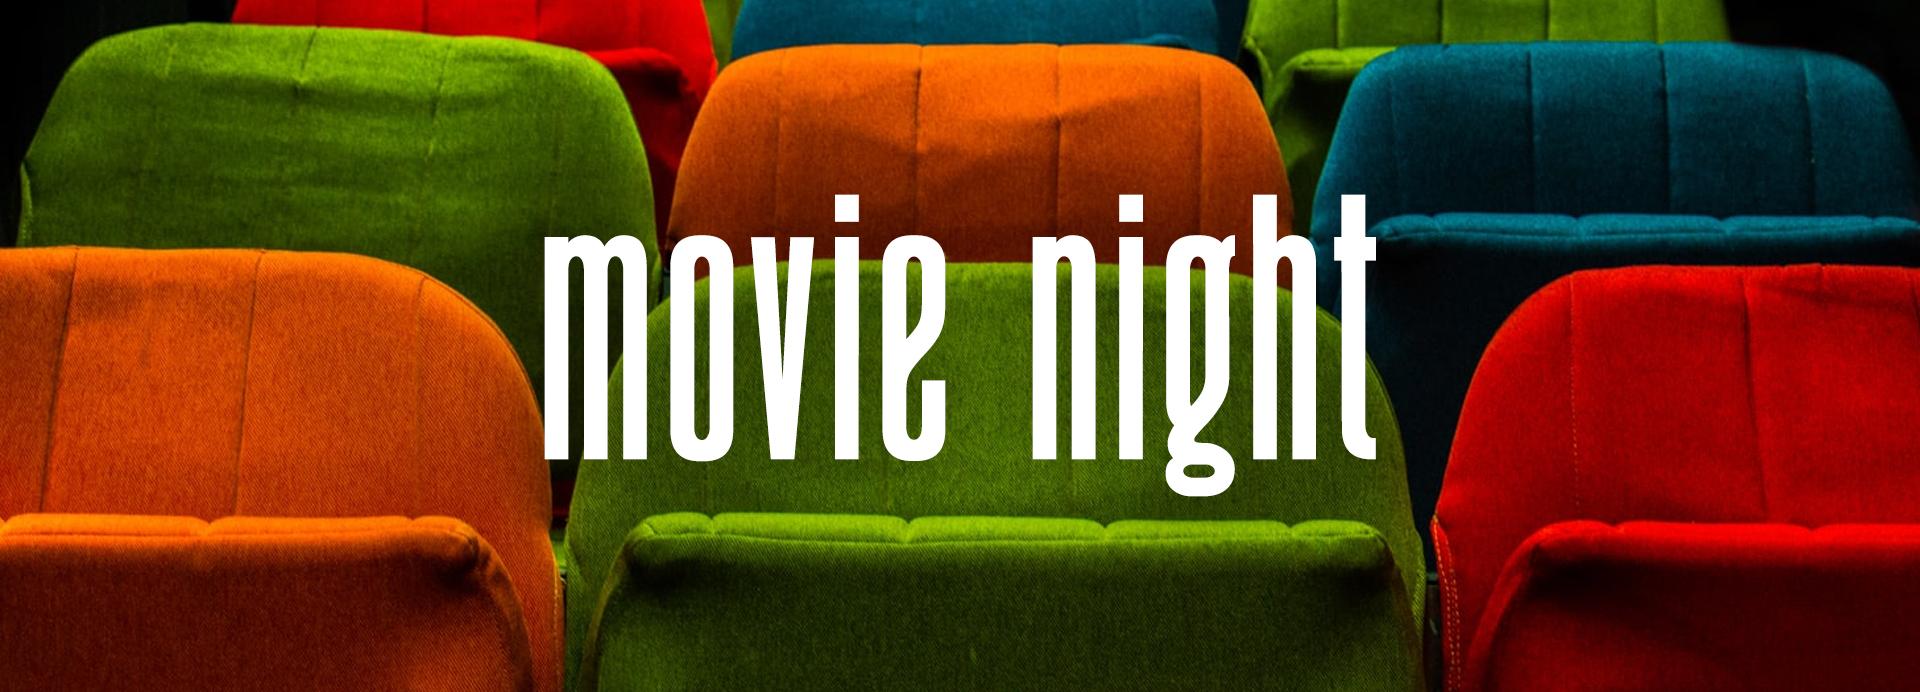 1920x692 Youth Movie Night.jpg